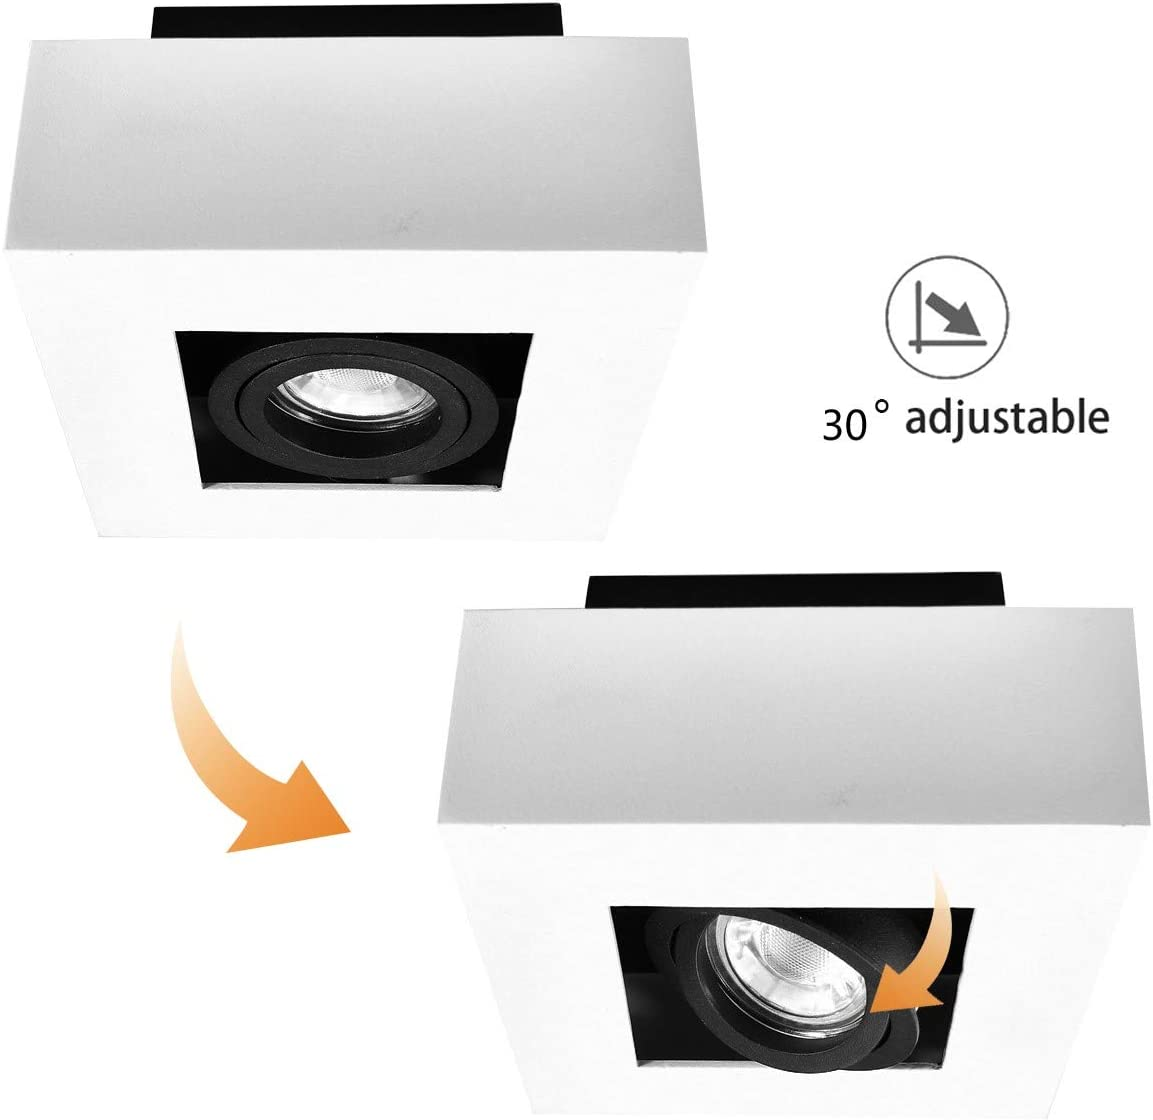 enthalten 5W leuchtmittel, schwenkbar Strahler Spotlight Downlight Ceiling light Budbuddy LED Aufbaustrahler Aufbauleuchten Aufputz Deckenlampe Deckenleuchten GU10 Fassung 230V